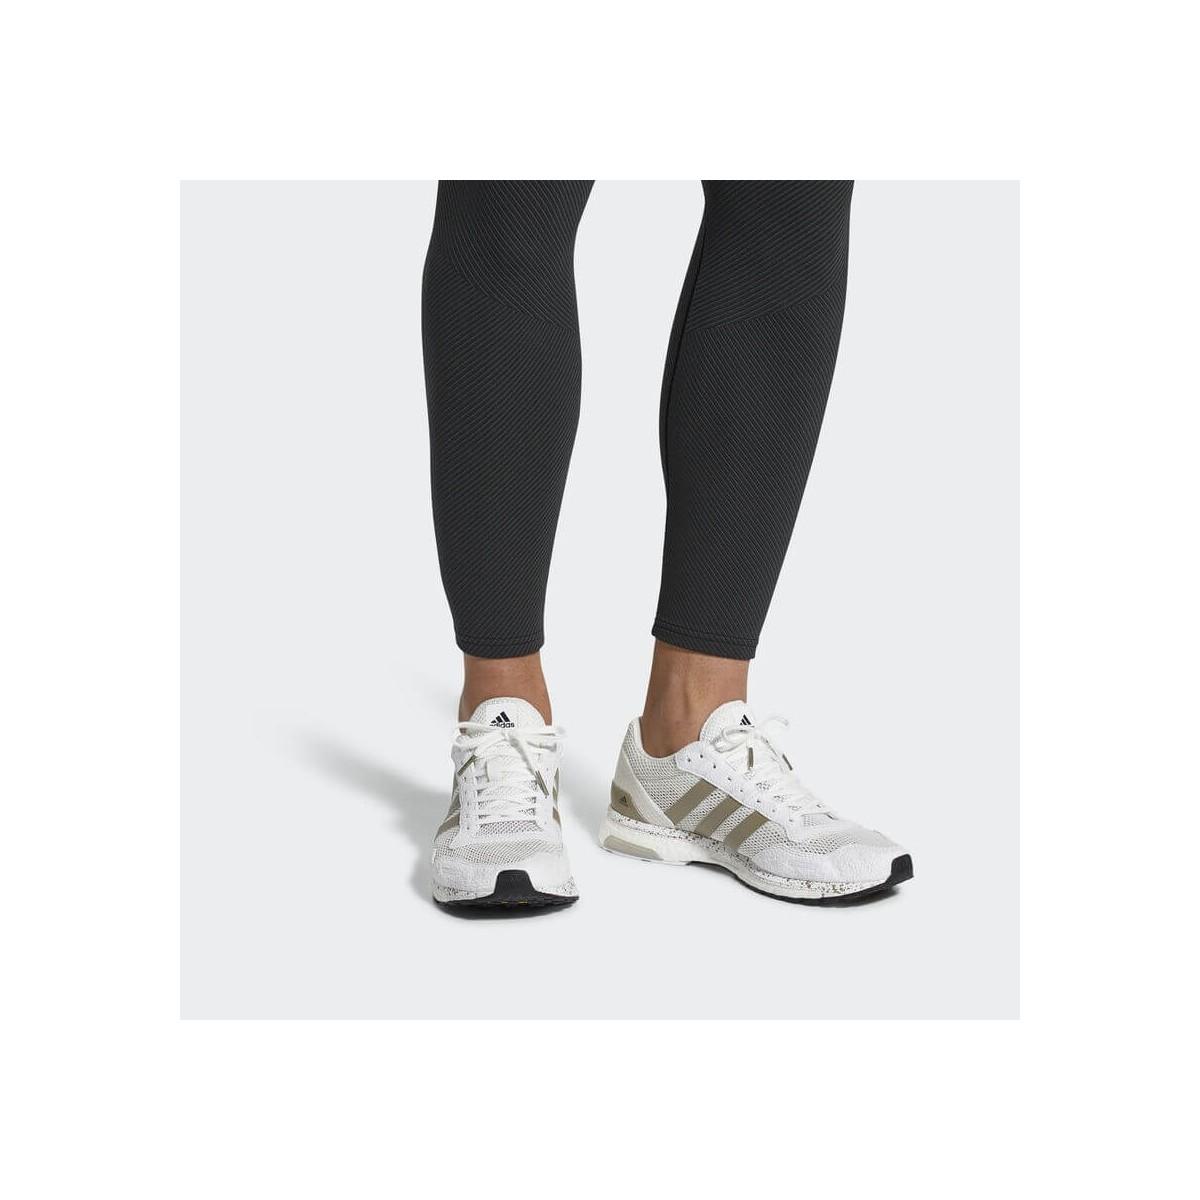 huge selection of 77ebc 013bd ... Adidas Adizero Adios 3 Boost blanco y metálico Hombre PV18